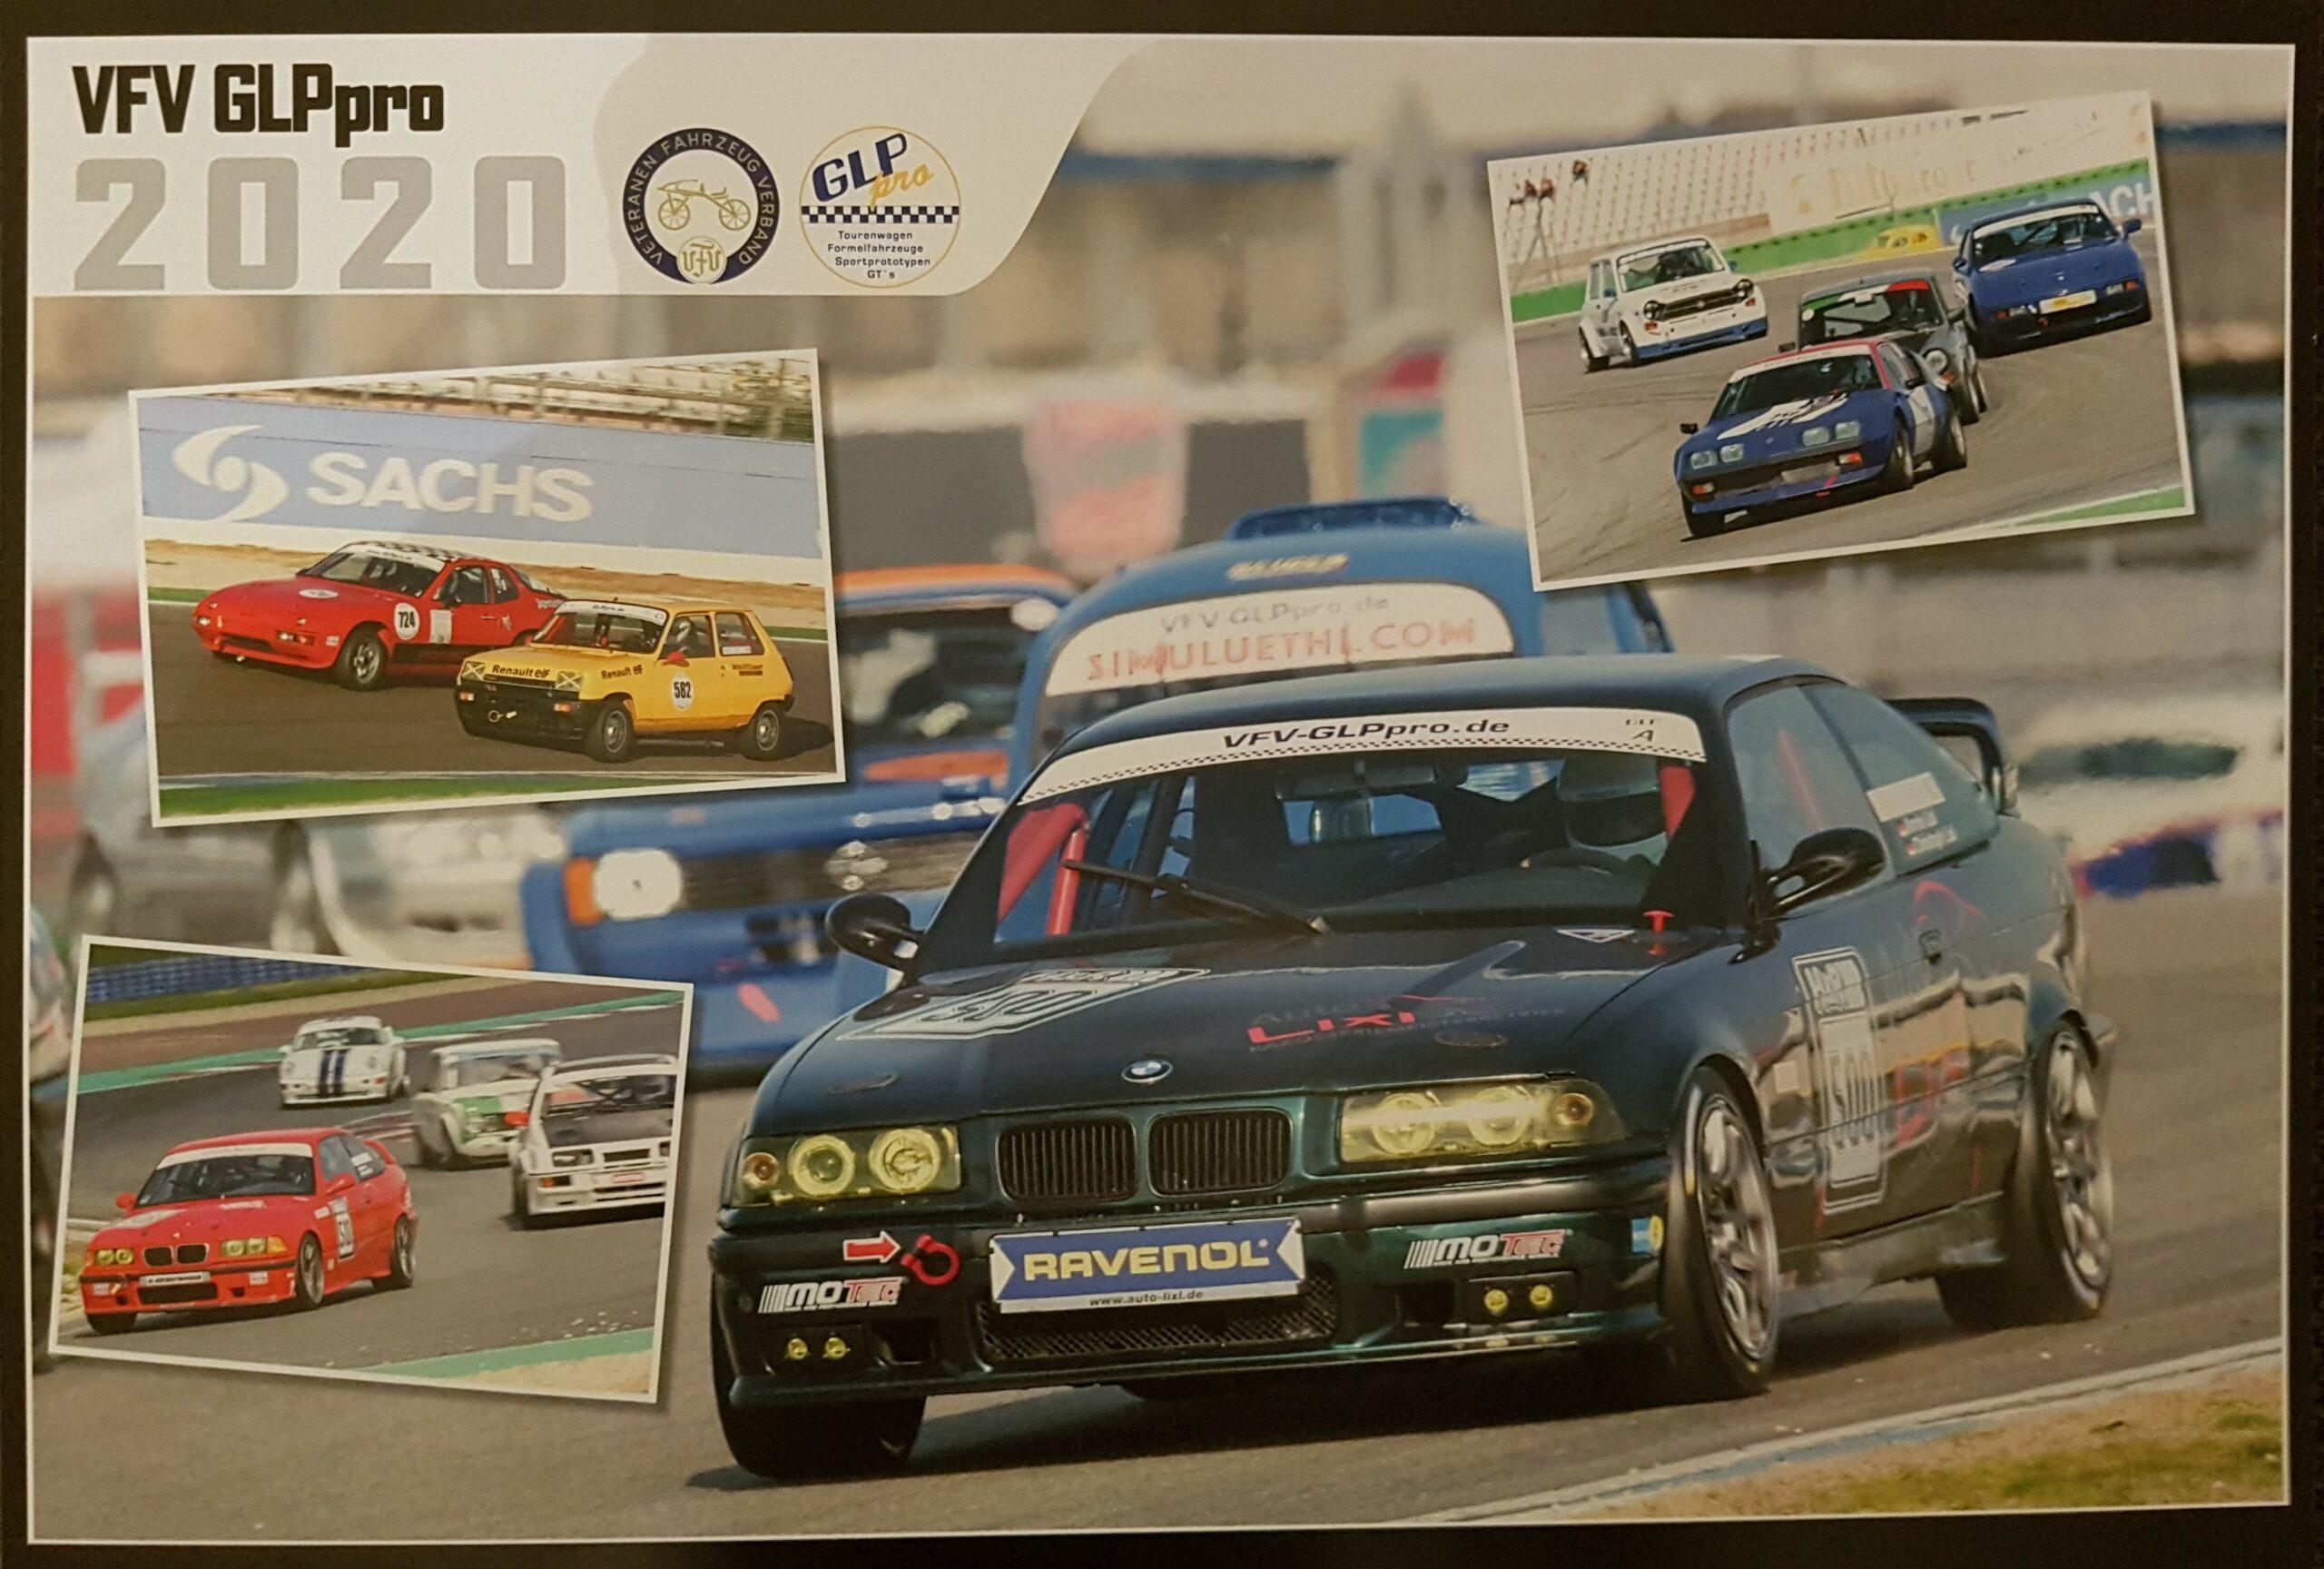 VFV-GLPpro Wandkalender 2021 von auto-rennsport